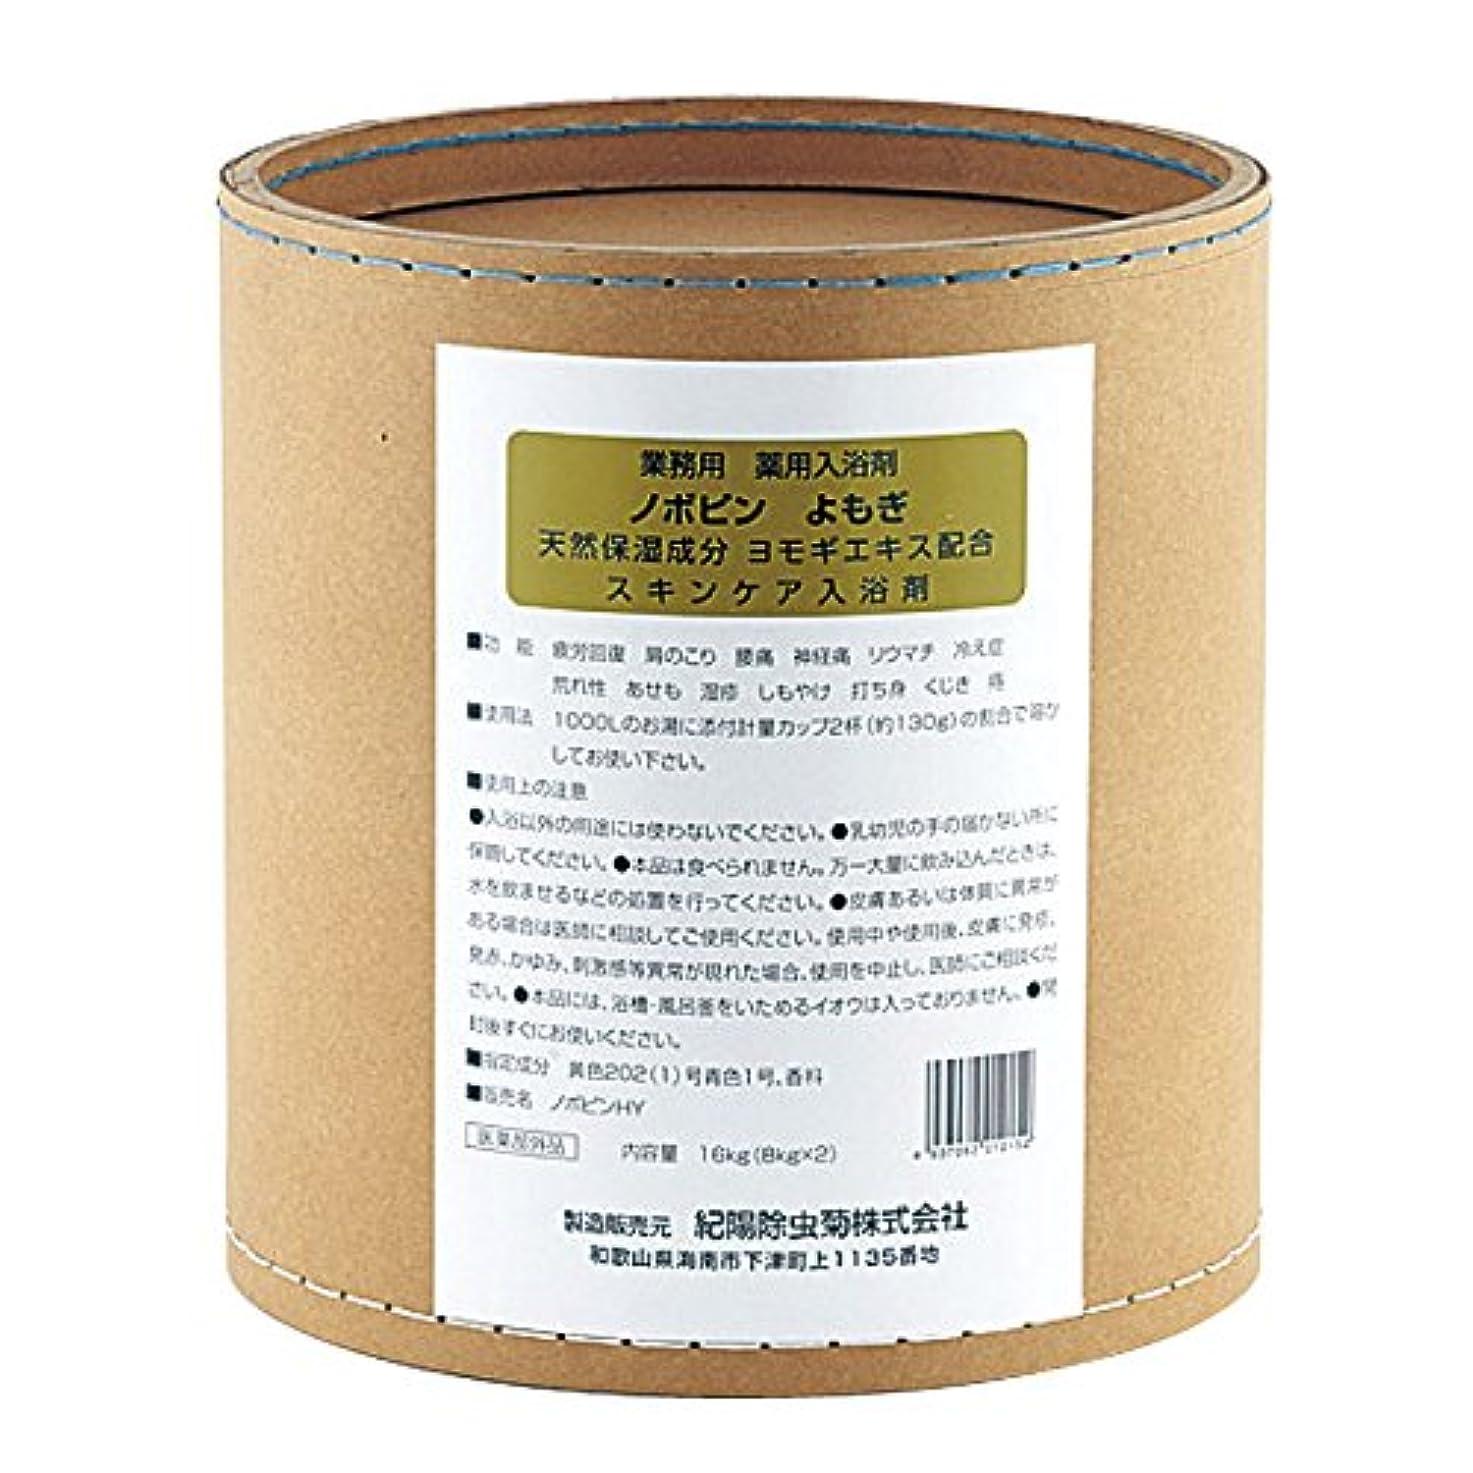 センチメンタル効率的パンダ業務用入浴剤ノボピンよもぎ16kg(8kg*2)